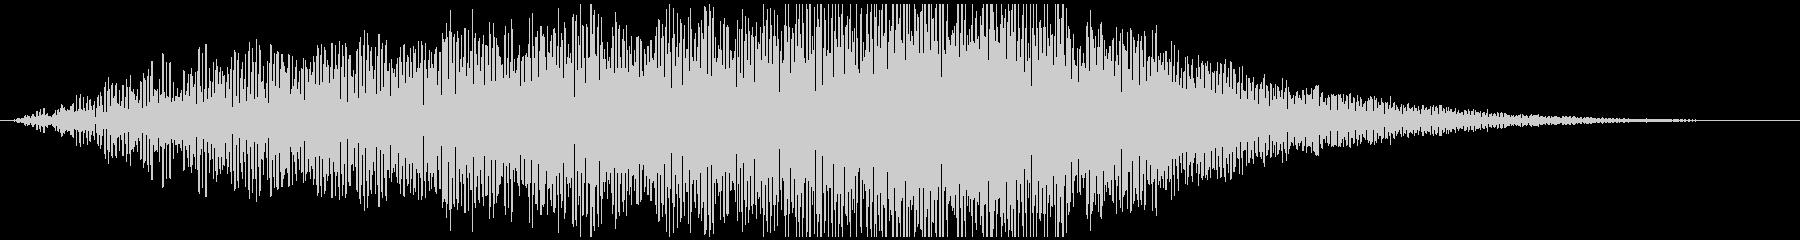 SWELL ゴロゴロうねり01の未再生の波形